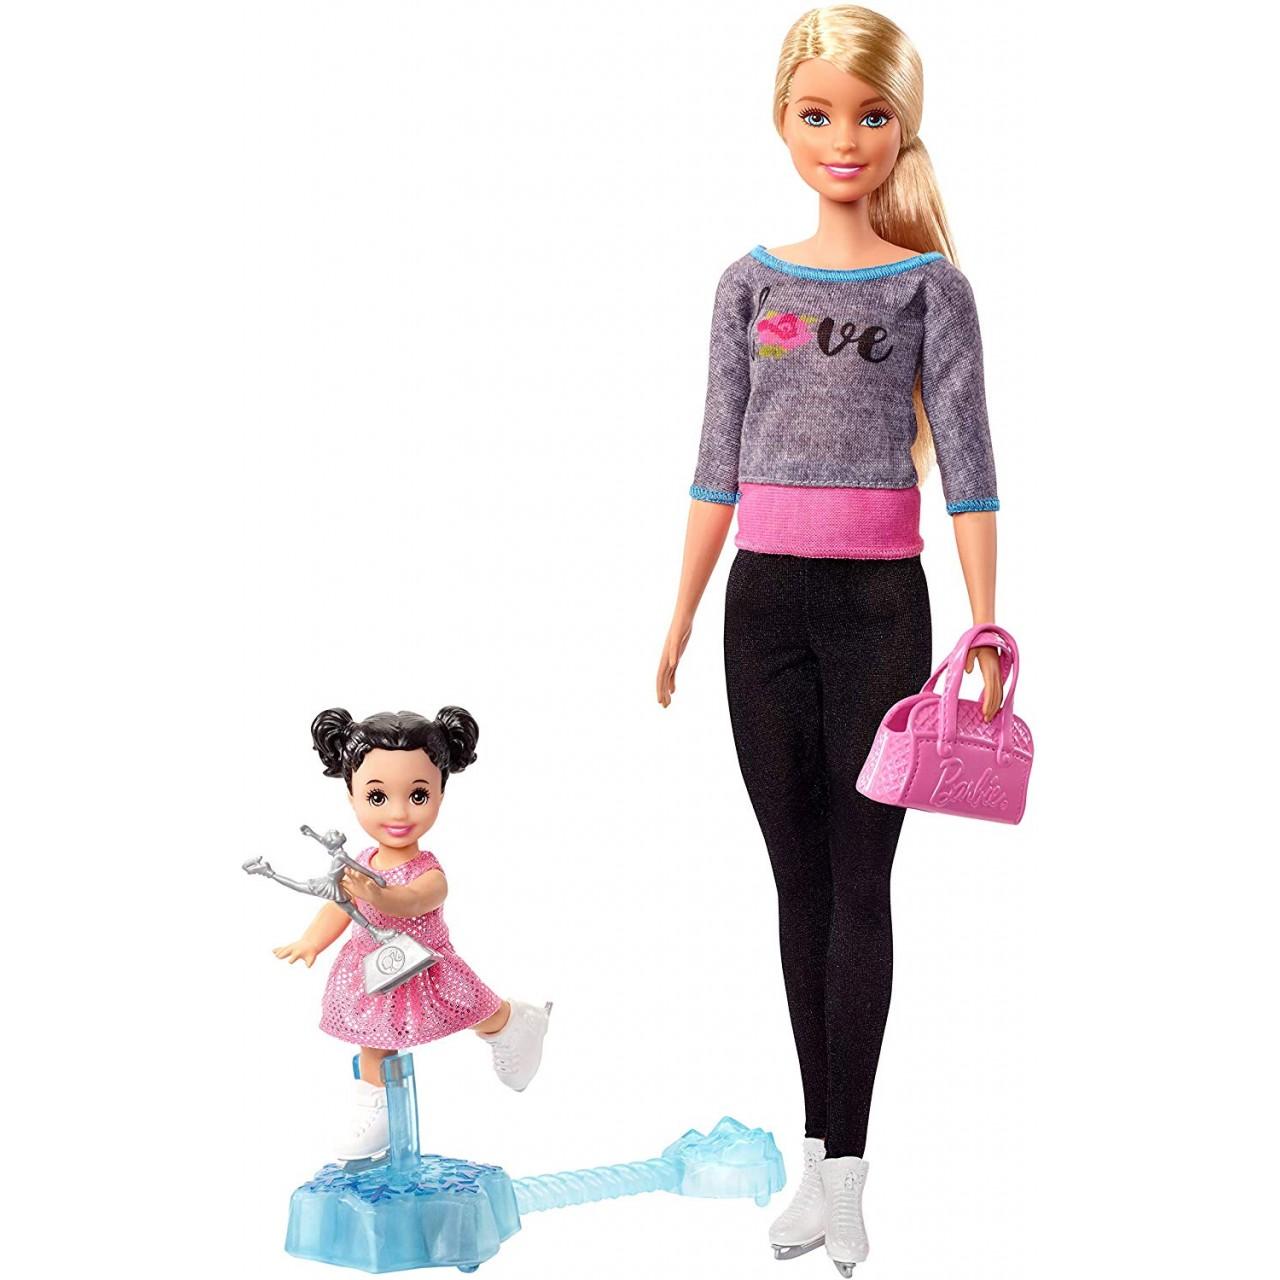 Набор кукла Барби тренер по фигурному катанию FXP38 (Barbie Ice Skating Coach Doll)